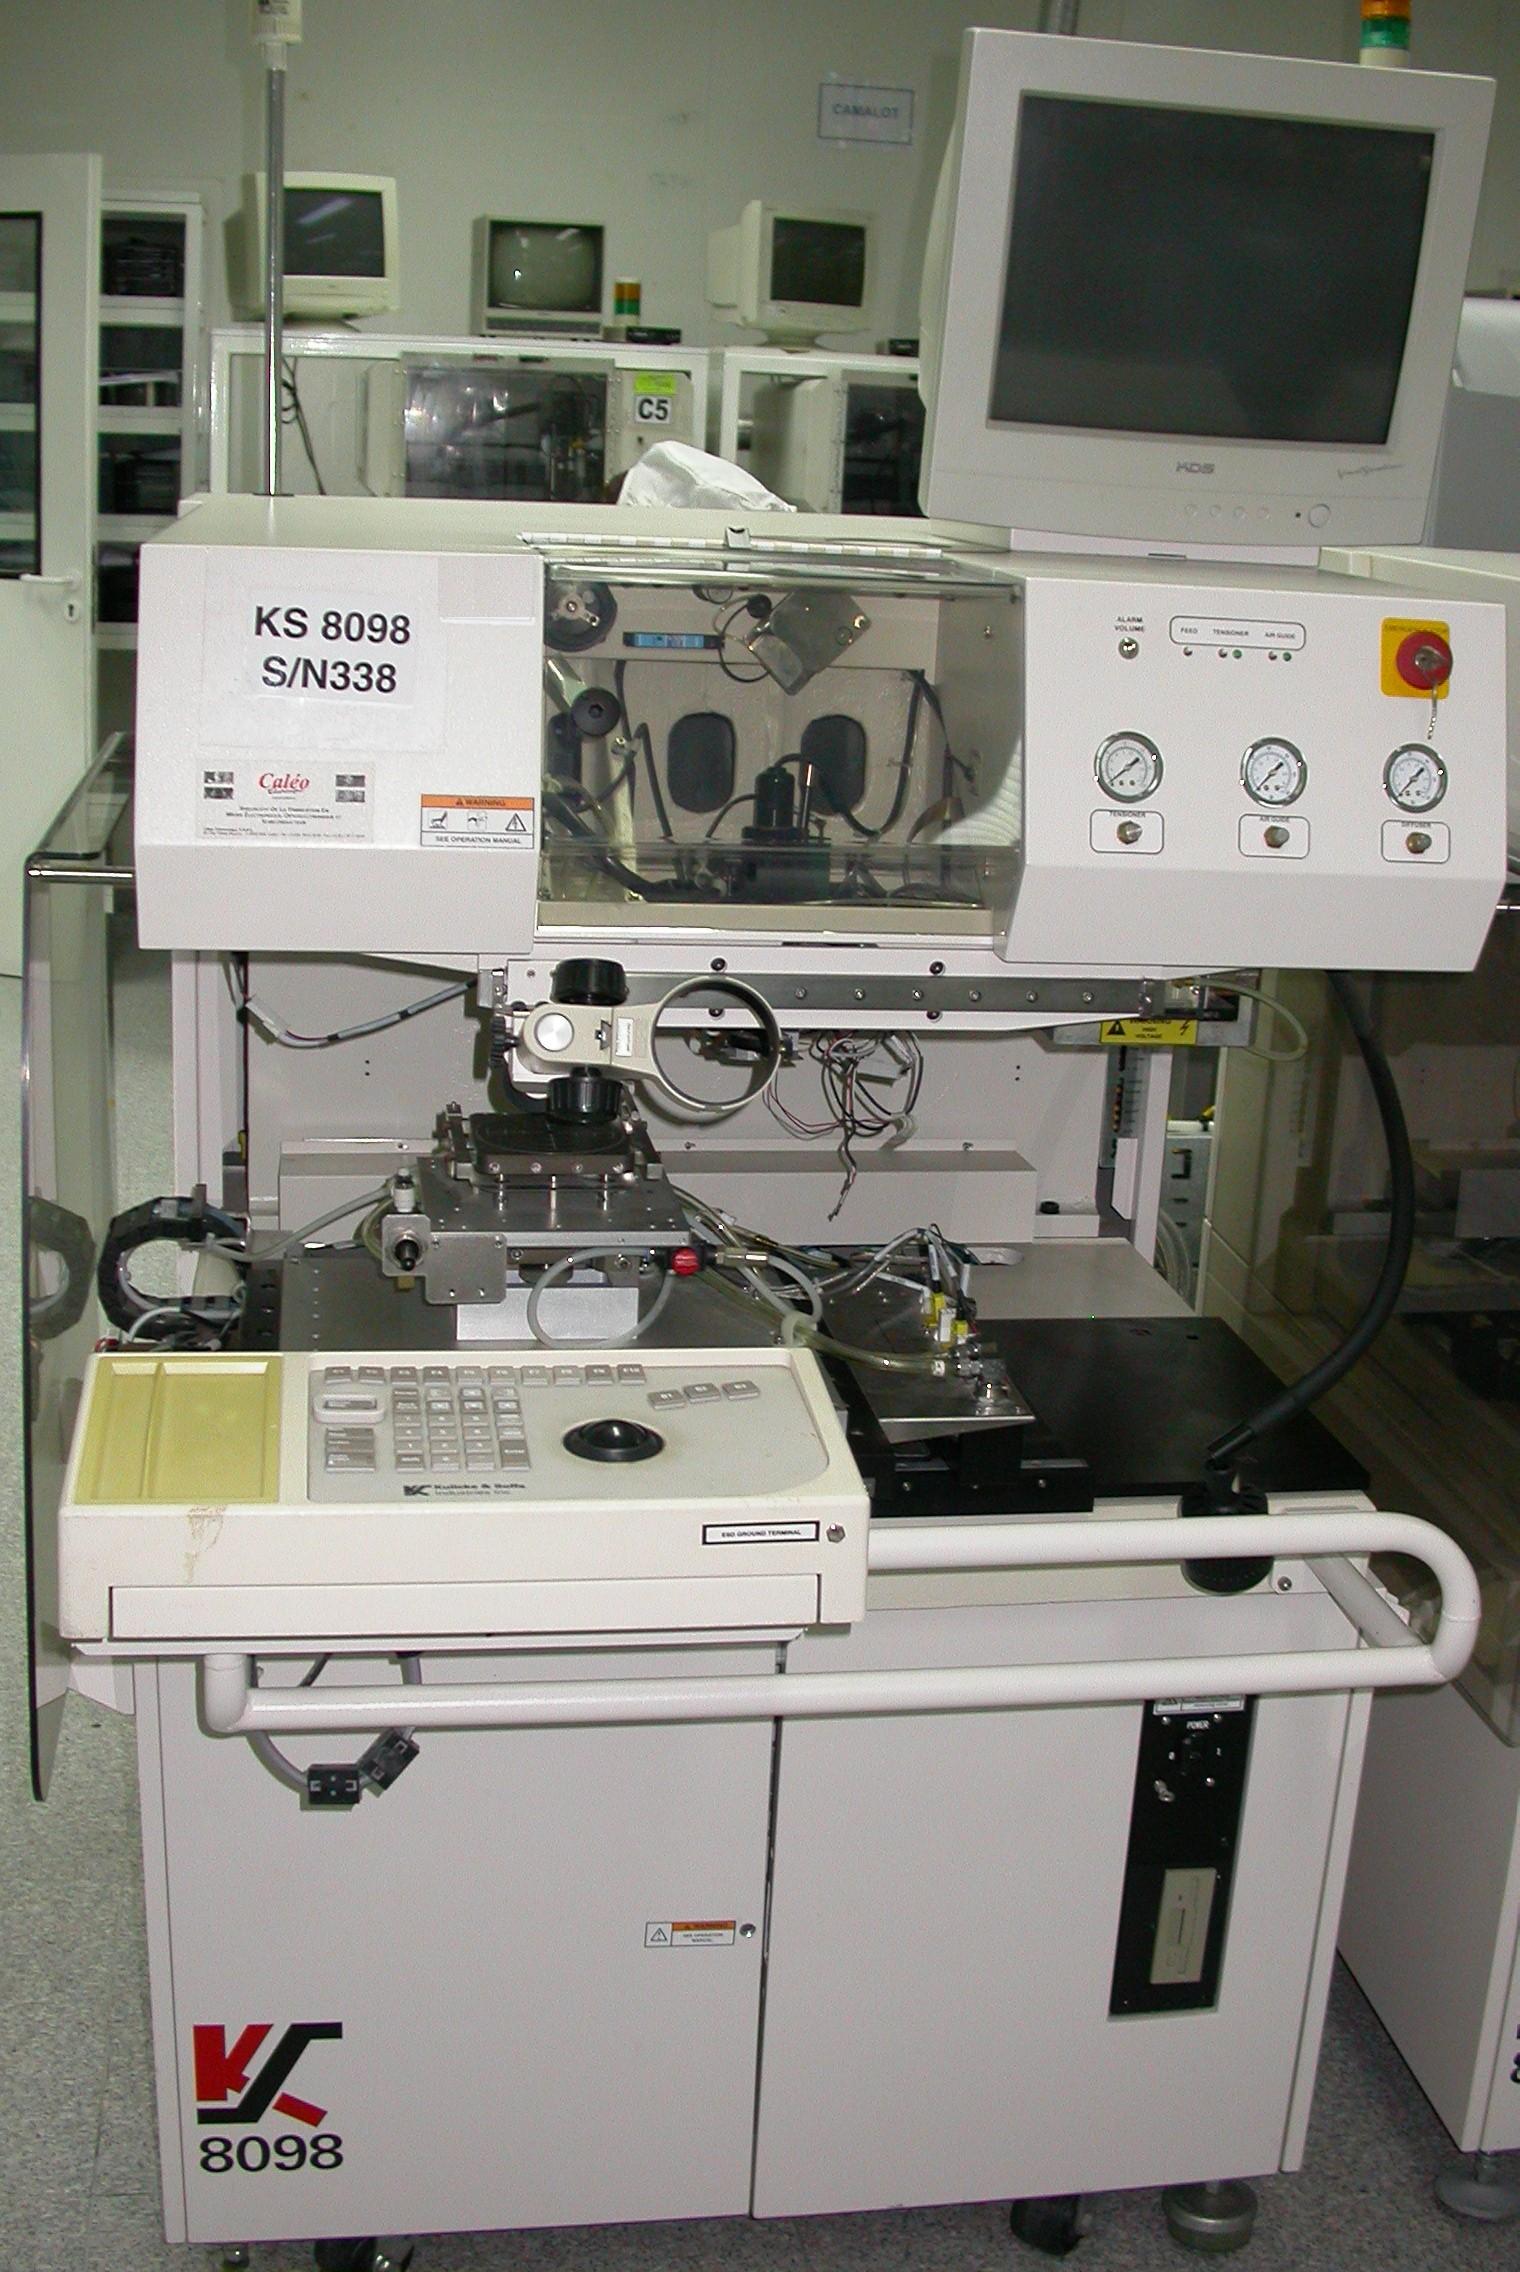 K&S8098-1